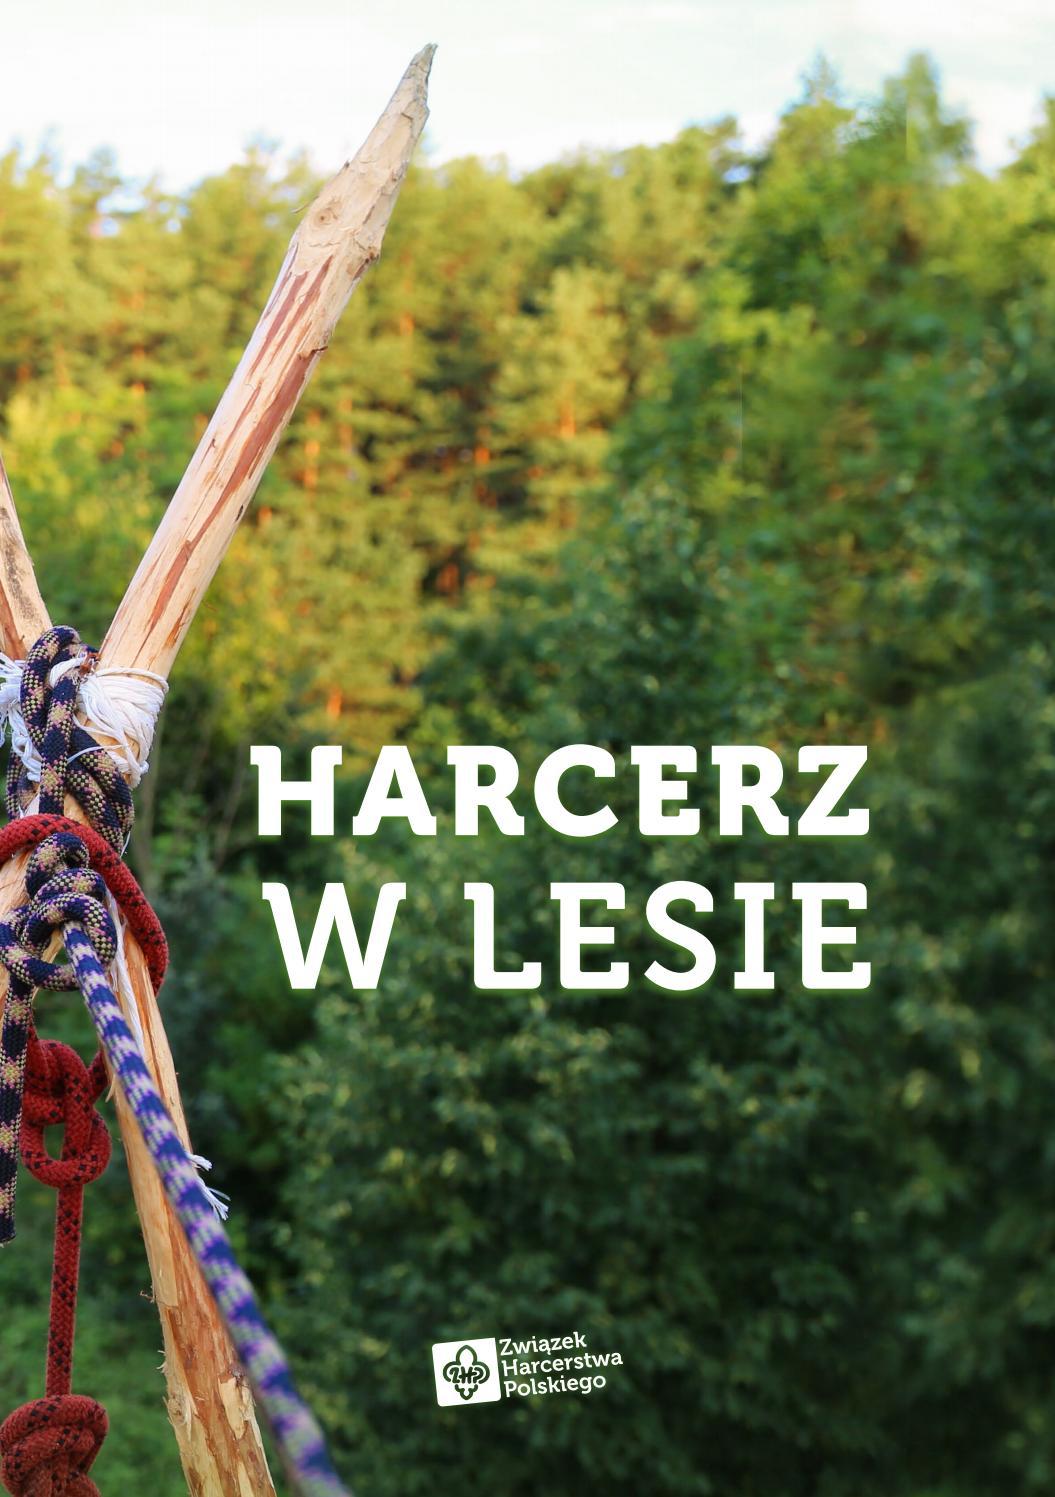 Poradnik Harcerz W Lesie By Związek Harcerstwa Polskiego Issuu